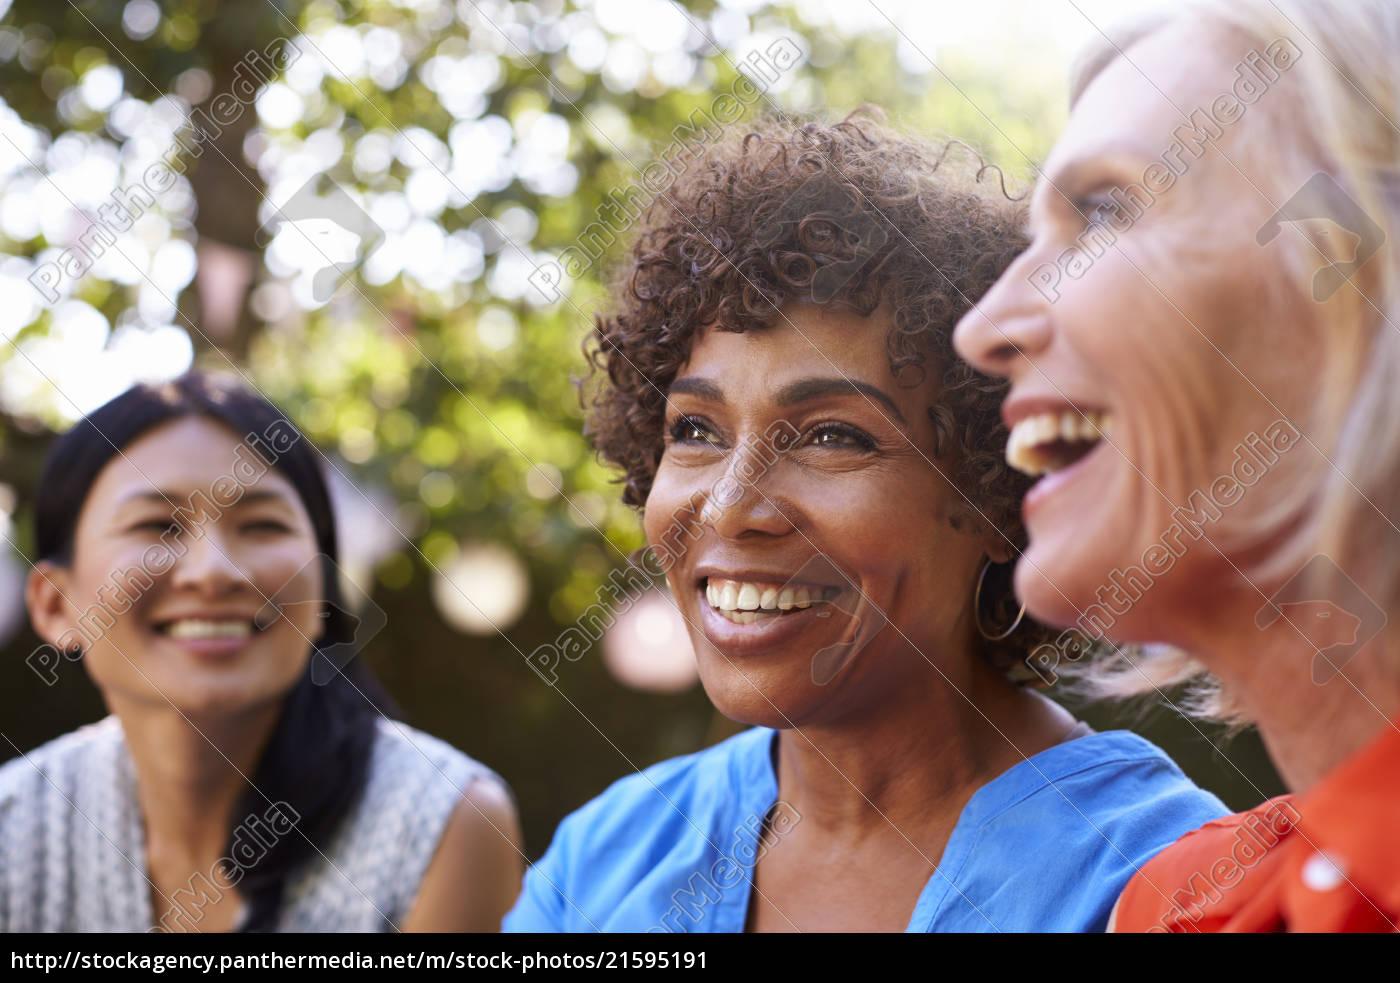 Amigas Maduras stockphoto 21595191 - amigas maduras socializando en el patio juntos